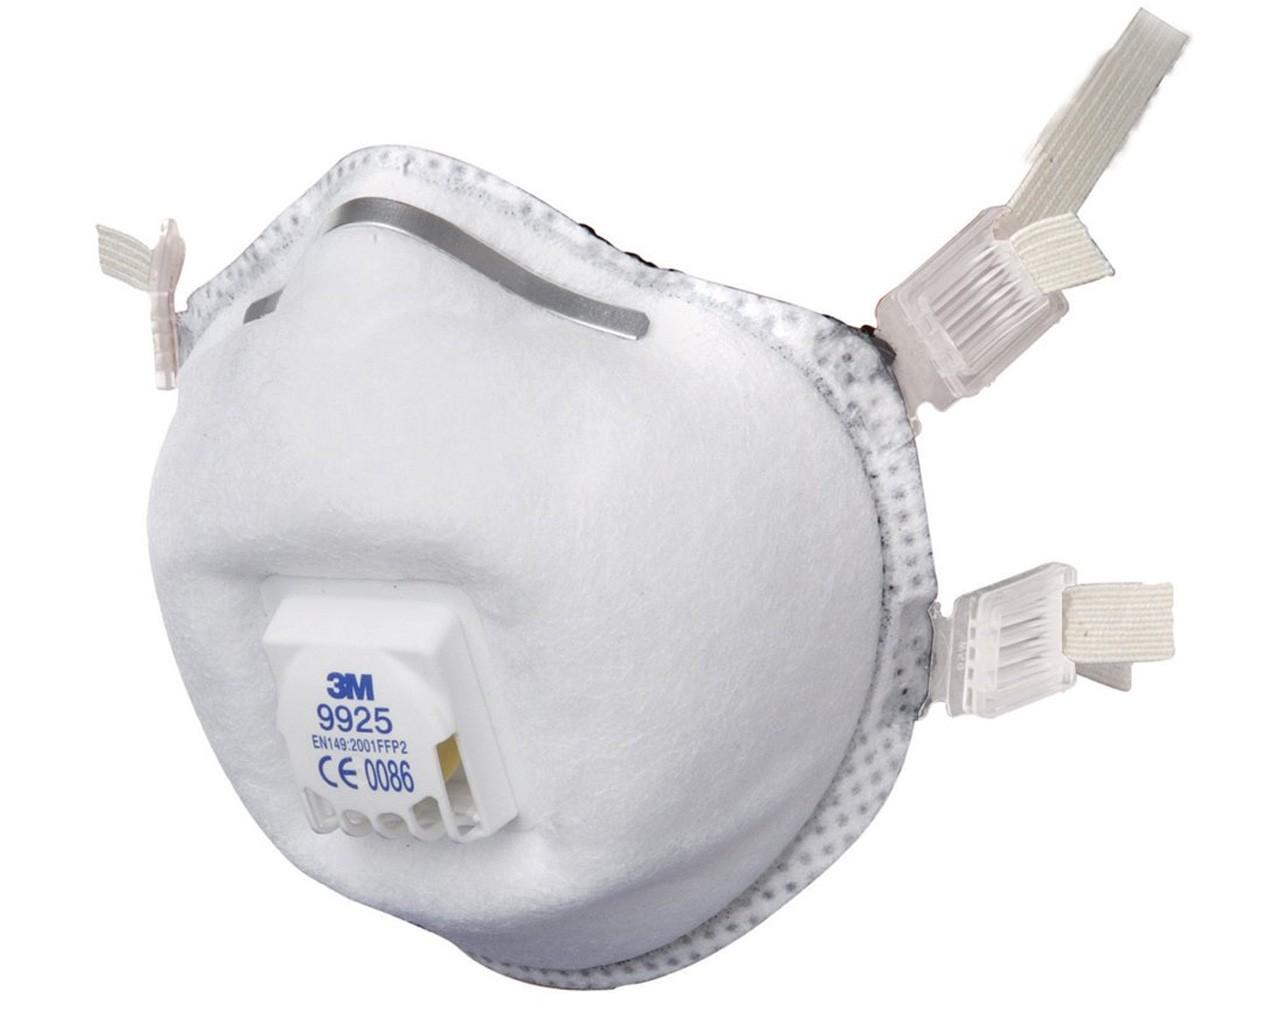 3m mascherine carboni attivi